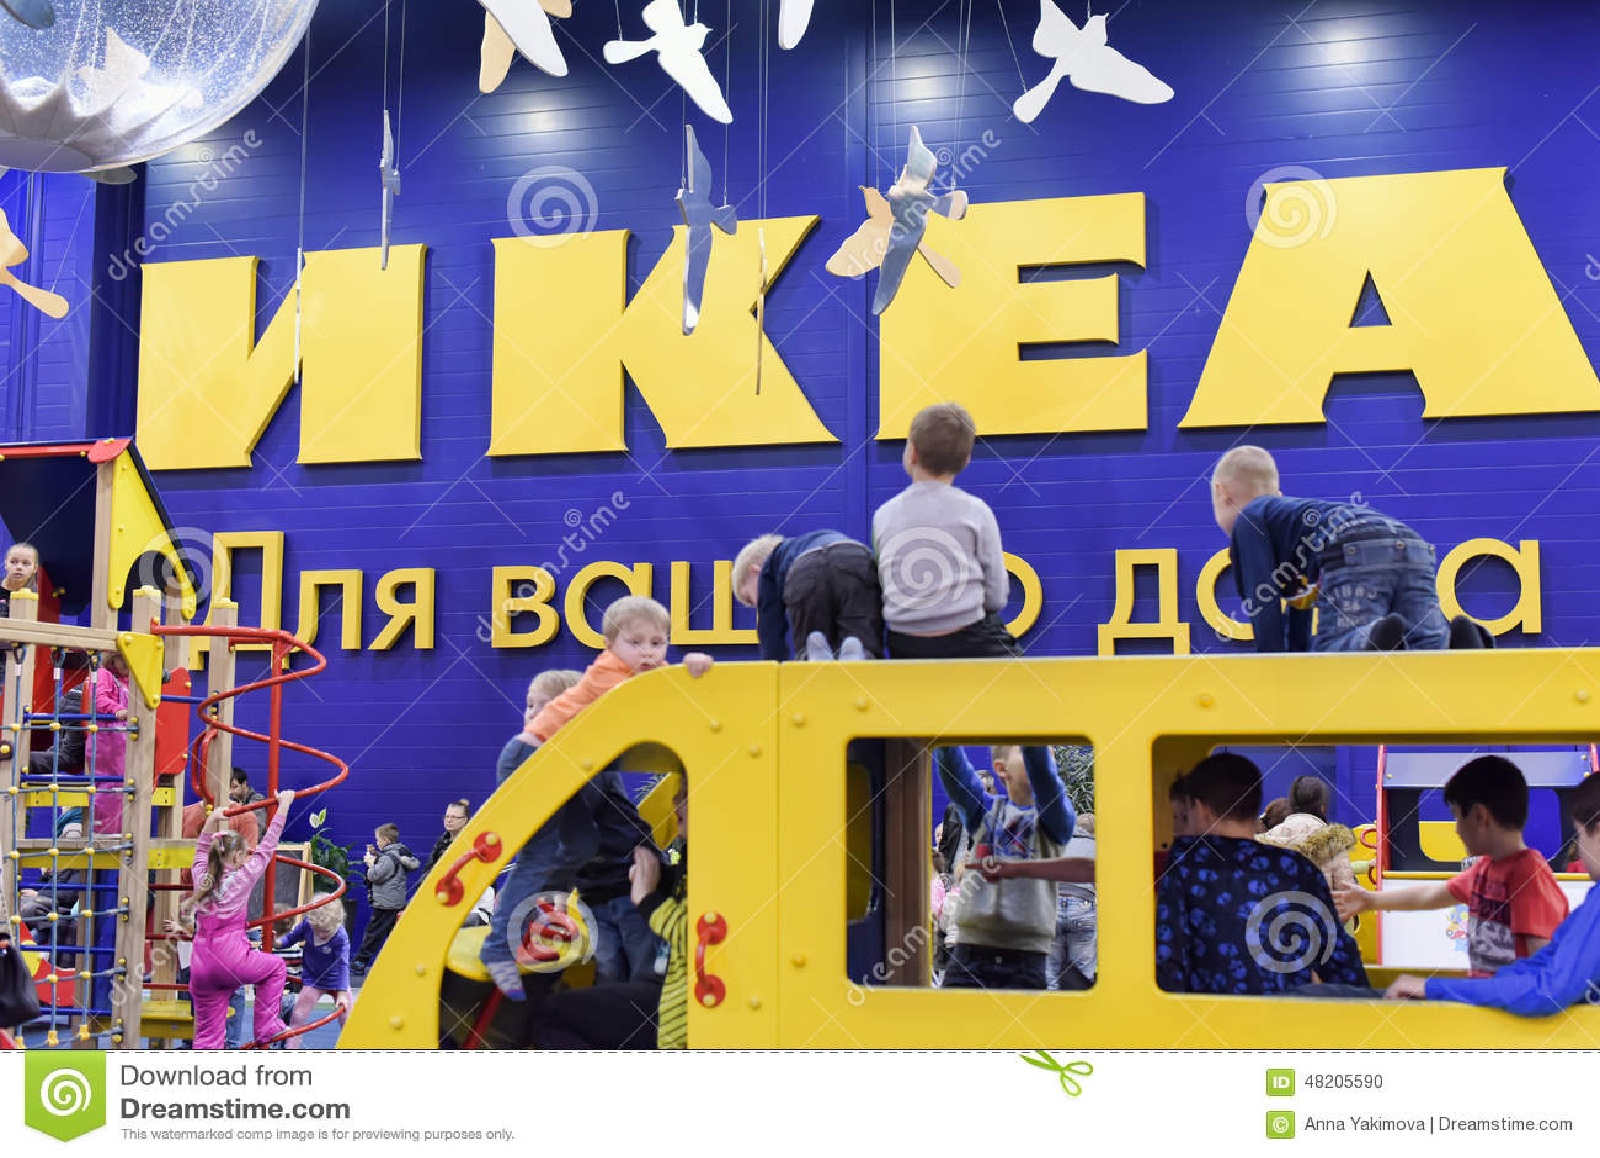 Ikea de speelkamer van kinderen redactionele afbeelding ...